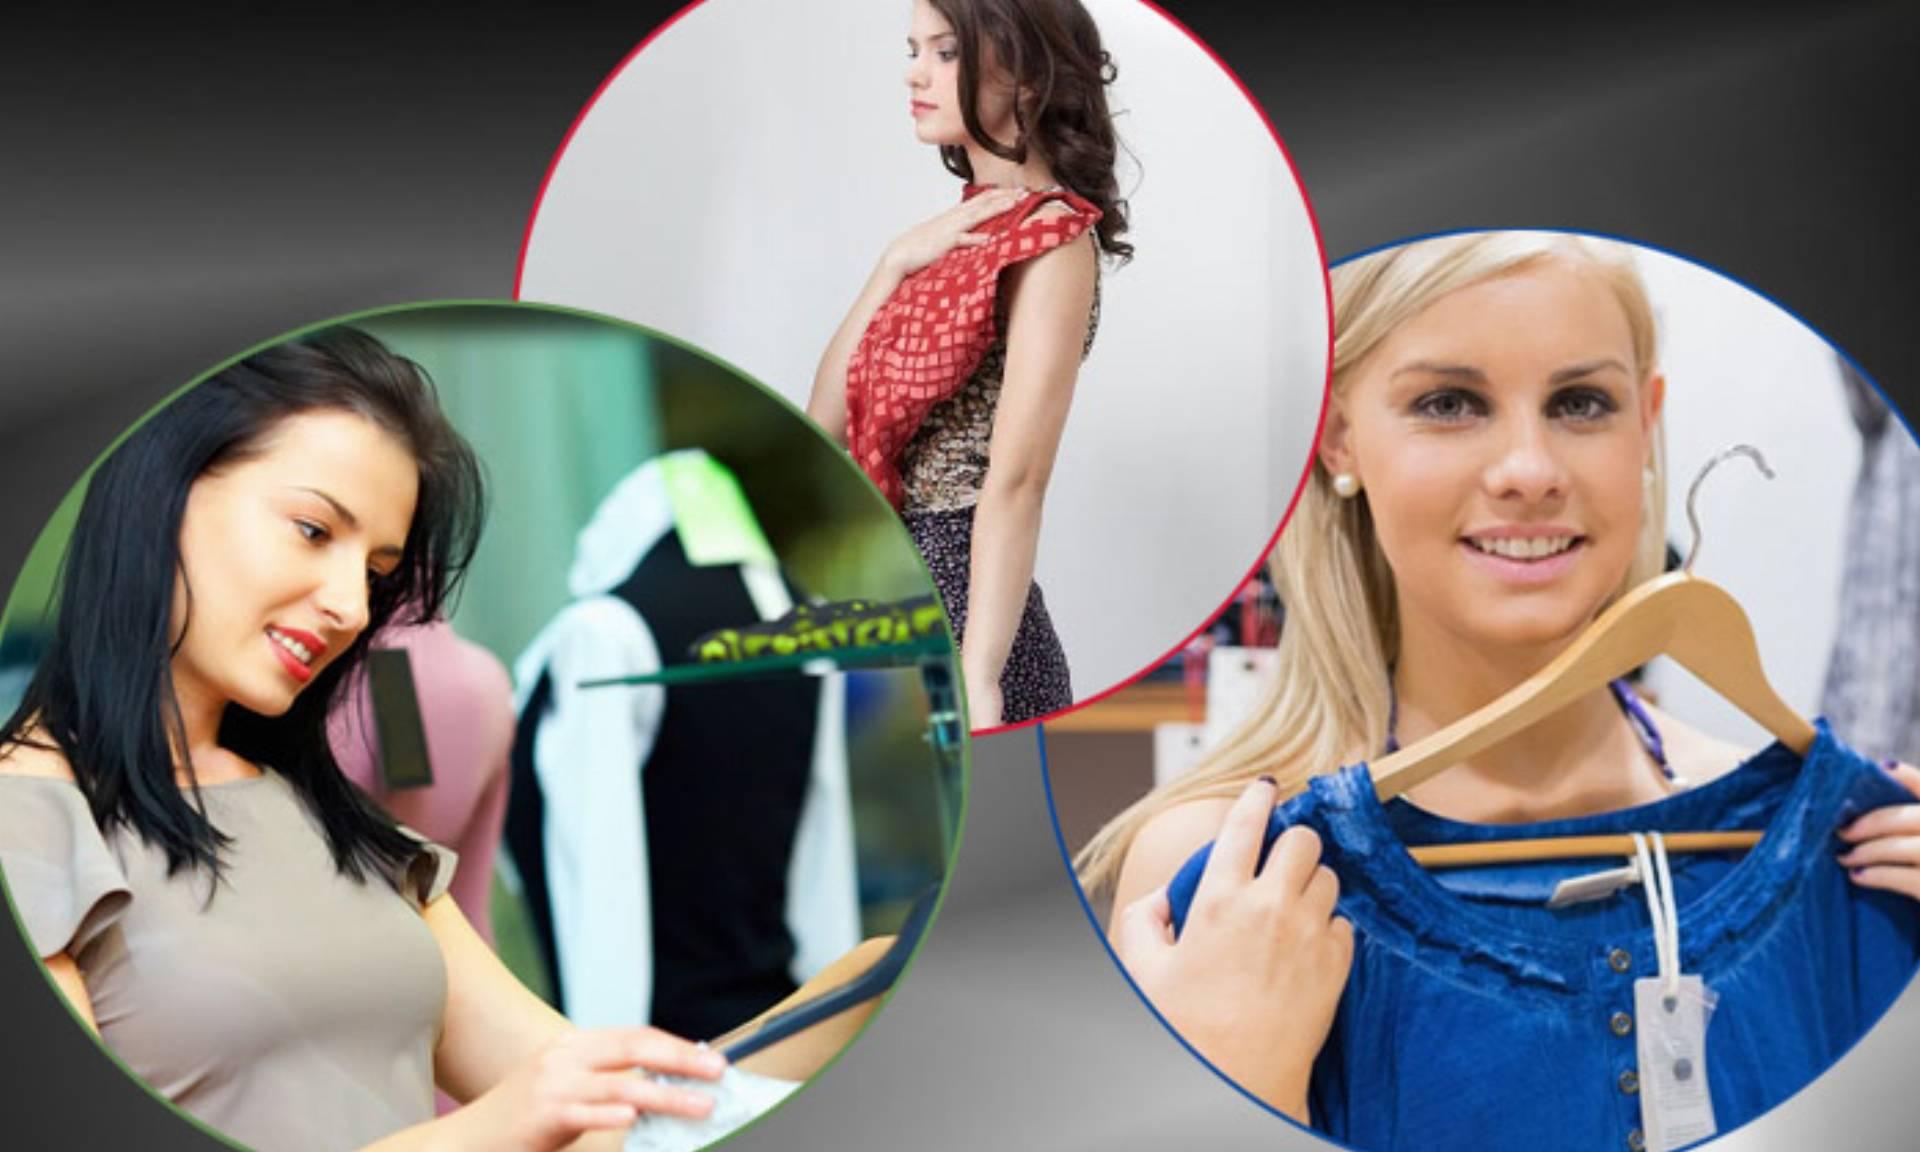 b27cba633e0 Jak dopasować ubrania do typów sylwetki? - KobietaMag.pl